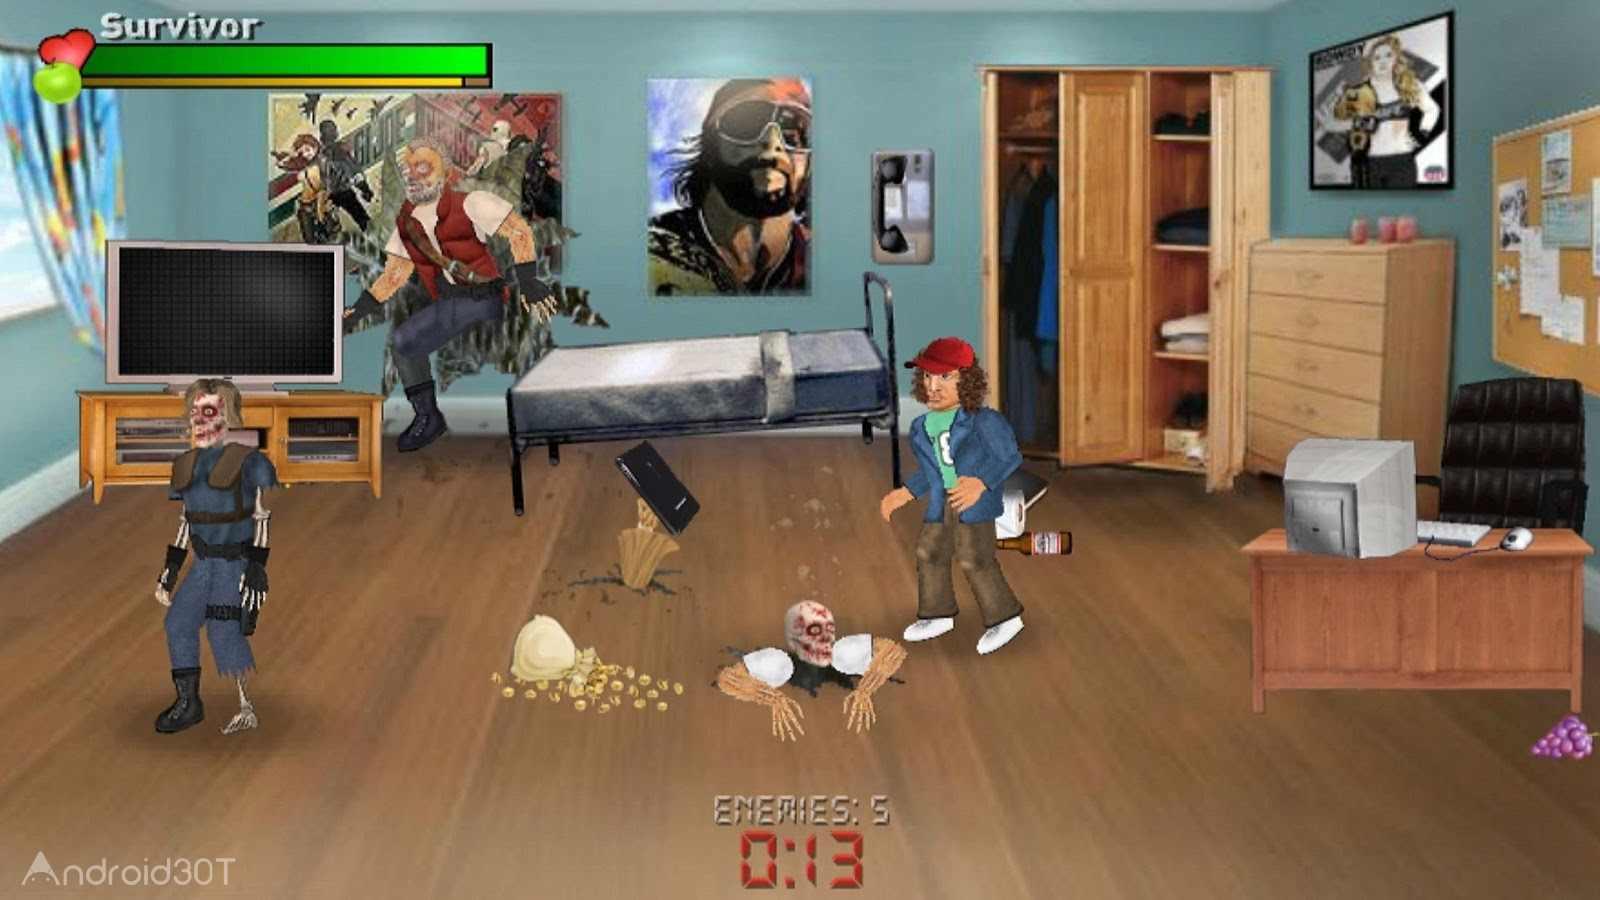 دانلود Extra Lives (Zombie Survival Sim) 1.14 – بازی بقا در برابر زامبی ها برای اندروید